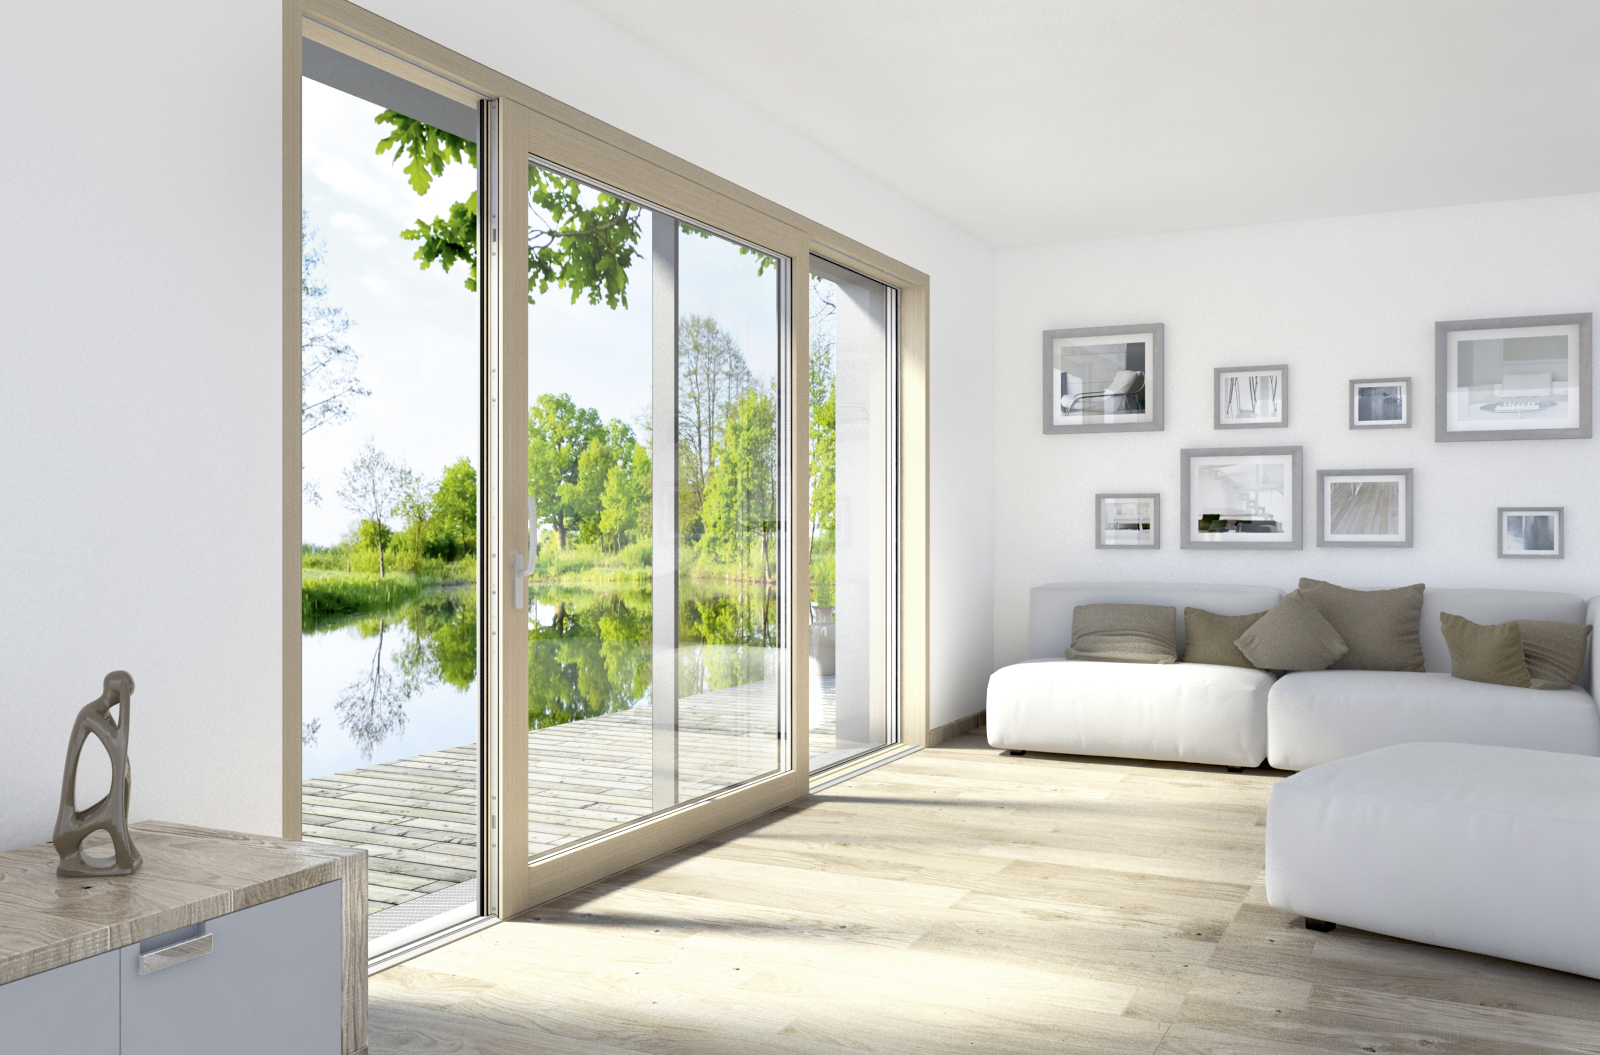 Infissi prezzi materiali tipi di vetro e consigli utili for Prezzi serramenti legno alluminio